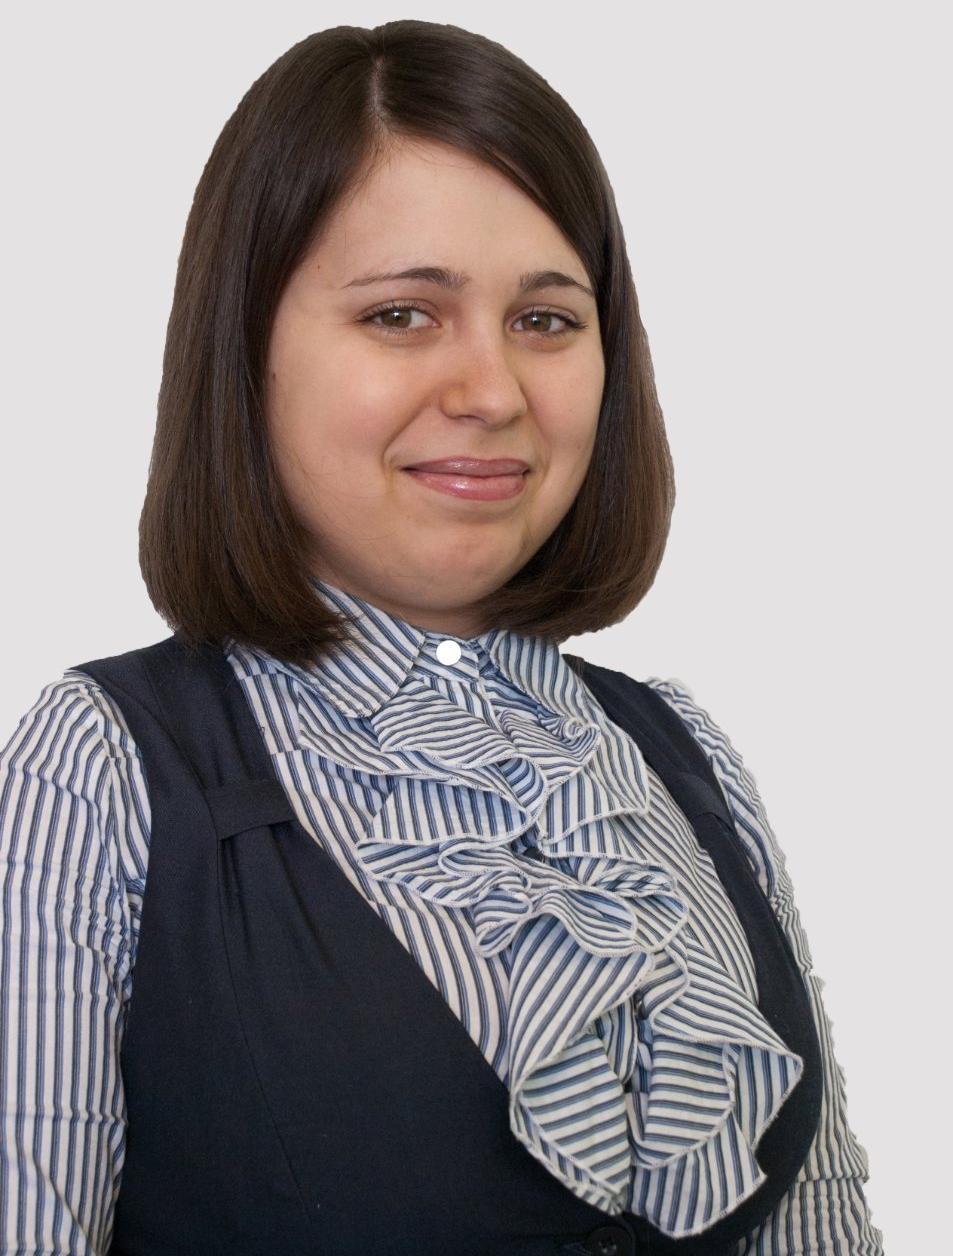 Фадеева Елена Юрьевна